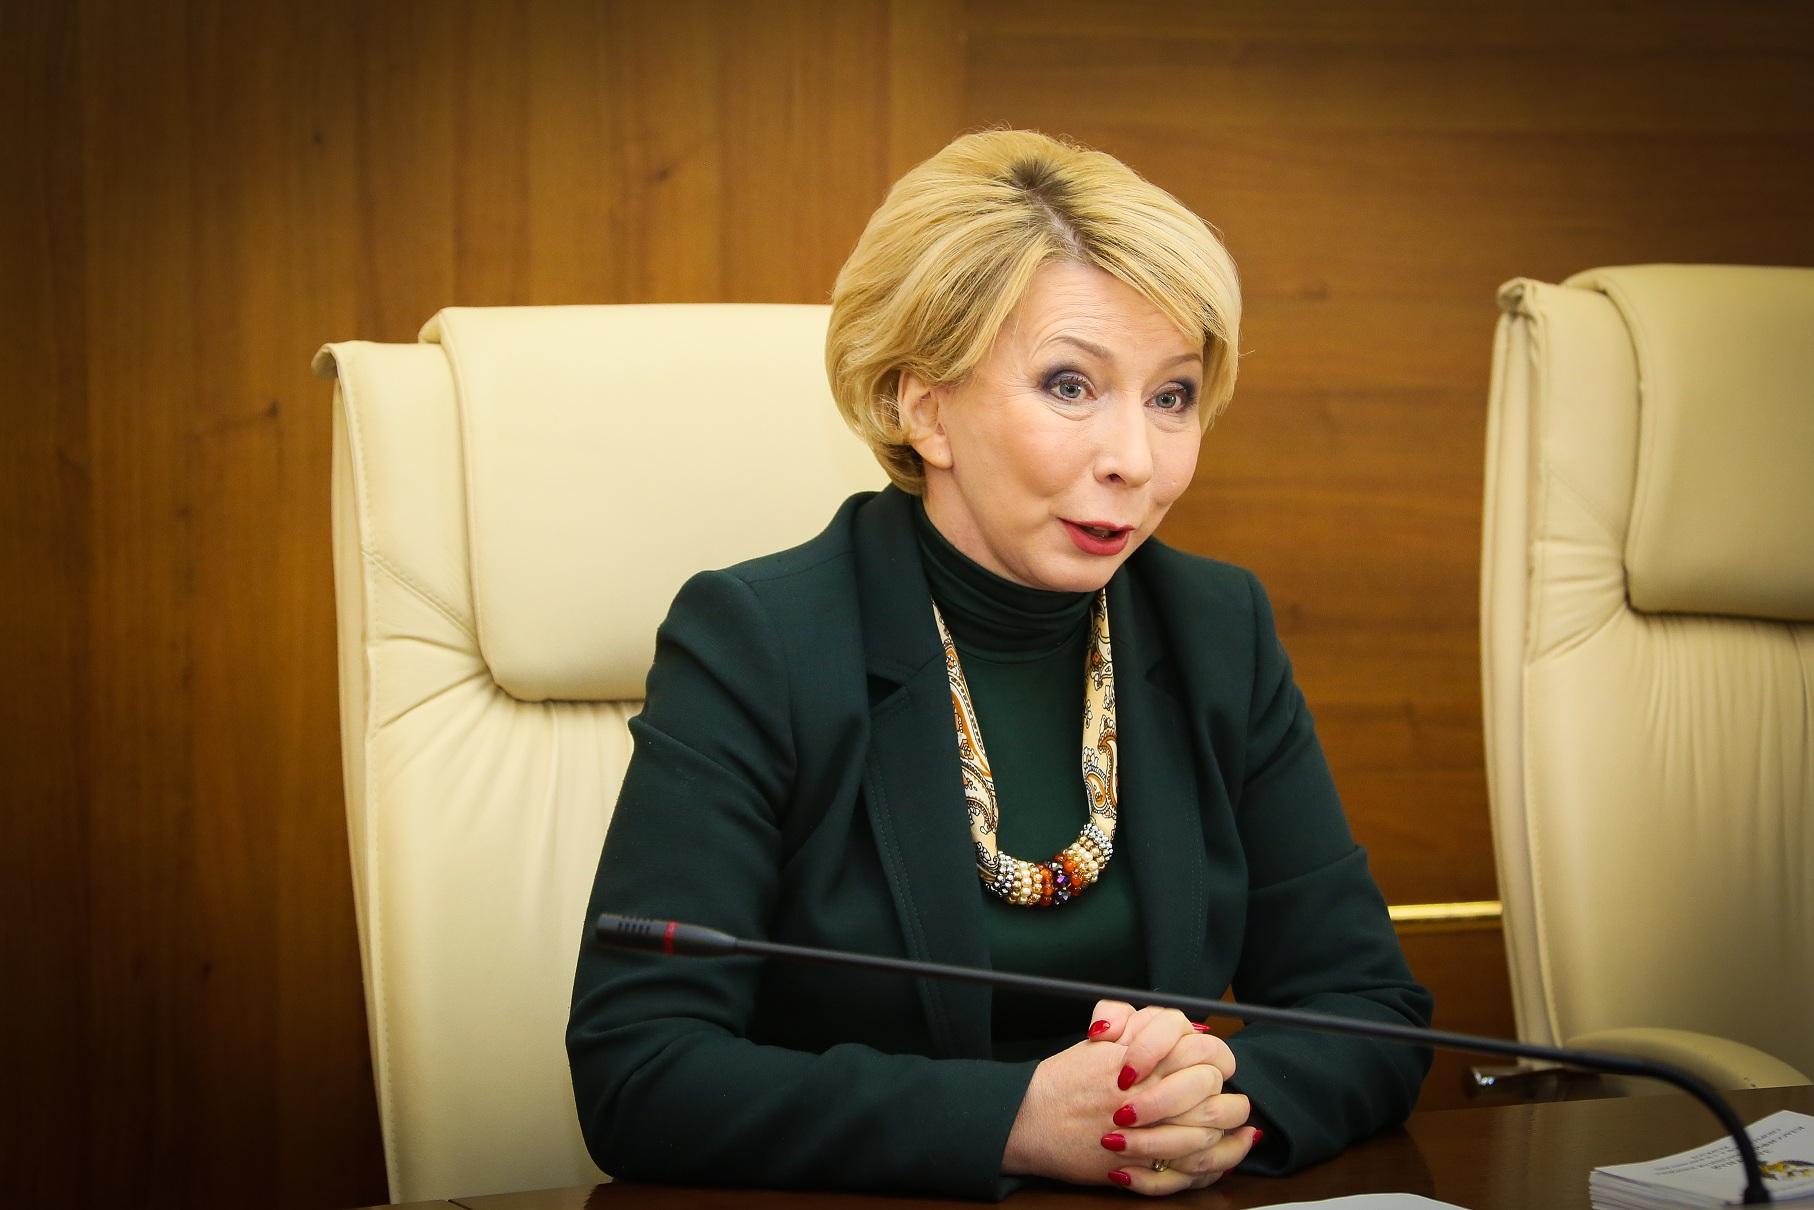 Дочь зампреда Якутии Ольги Балабкиной имеет уголовную судимость?